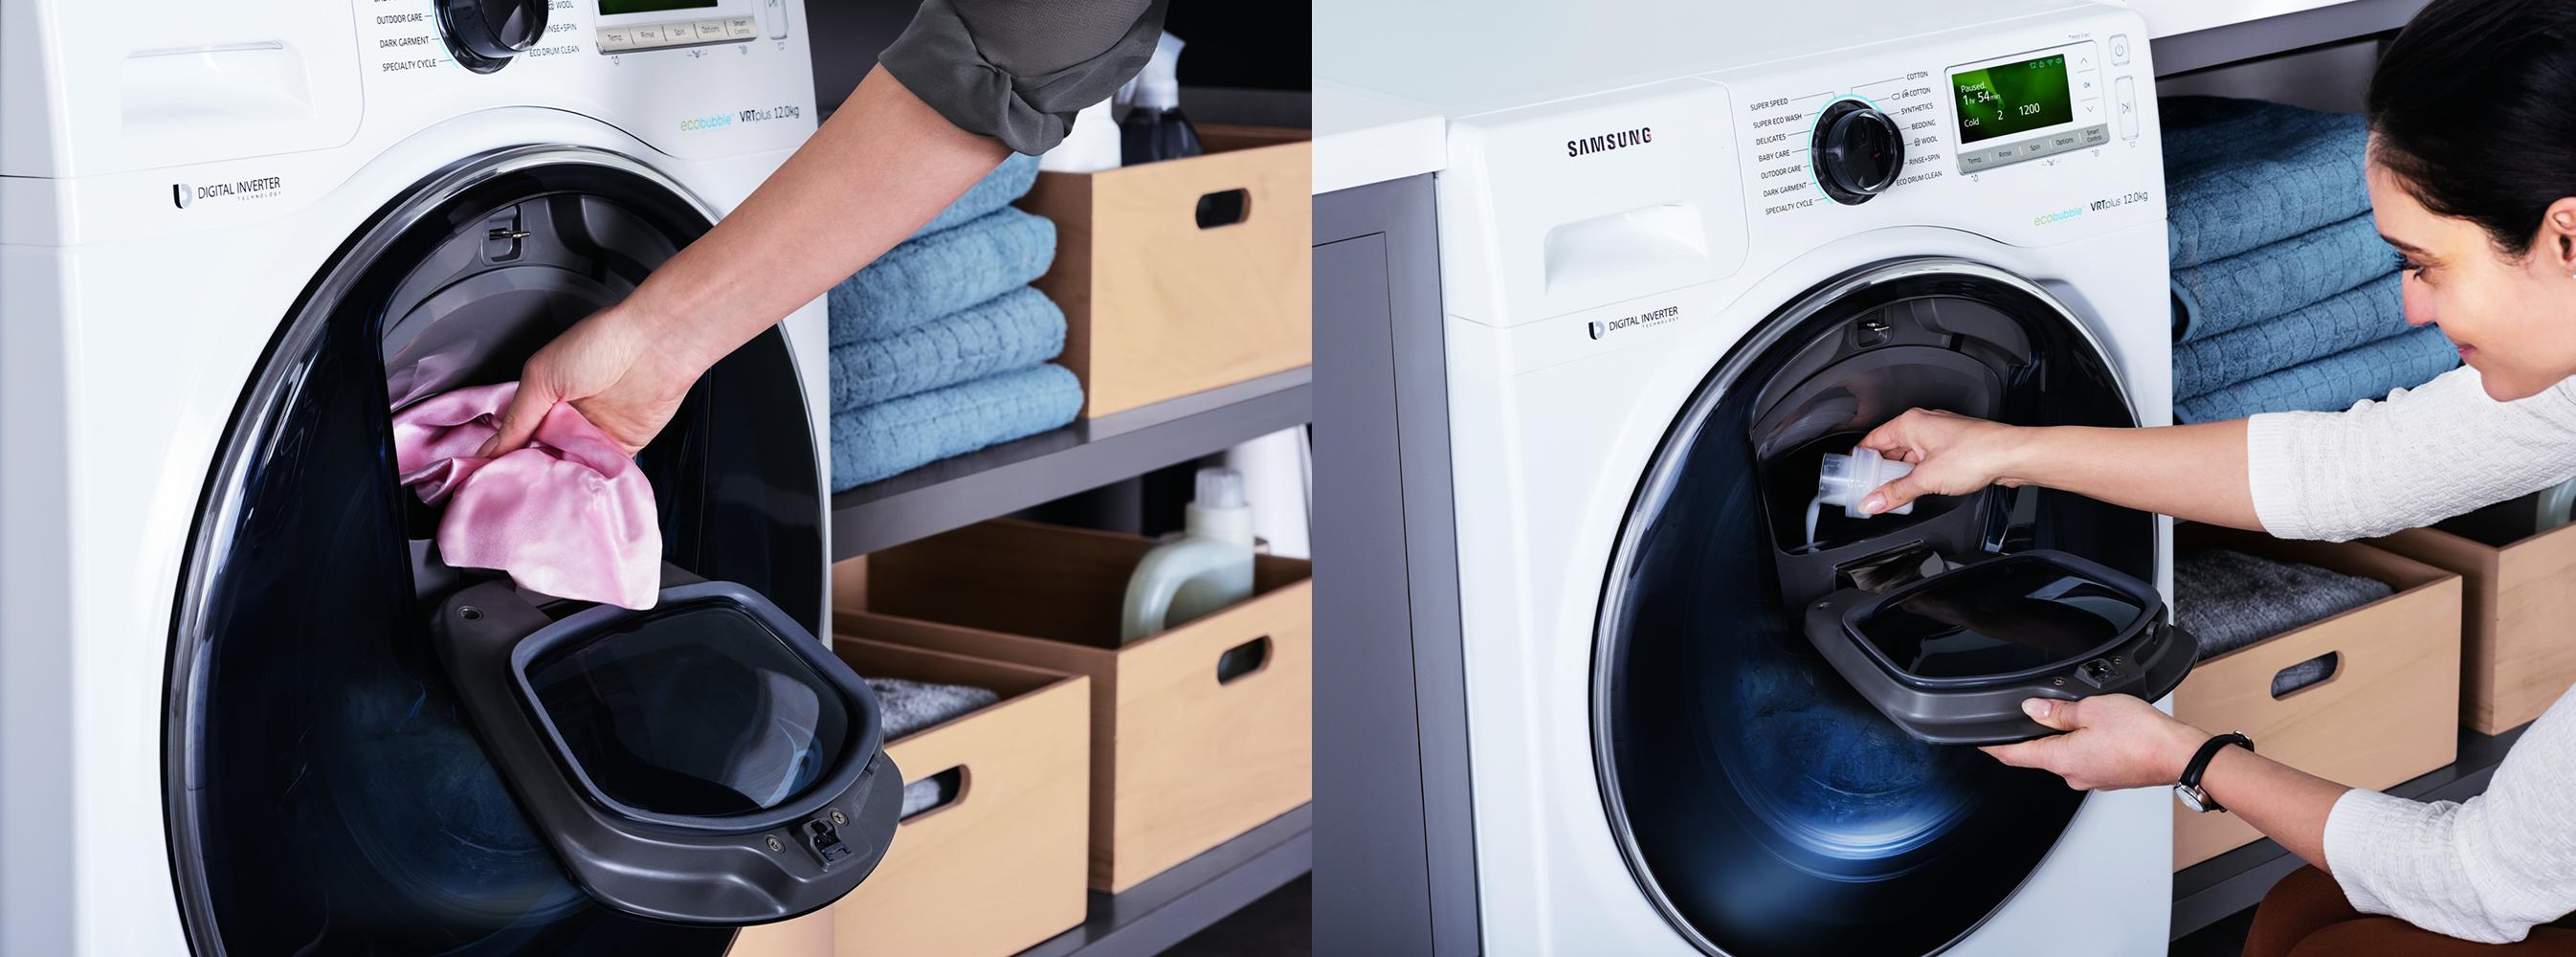 Samsung AddWash - revoluční pračky s dvojitými dvířky